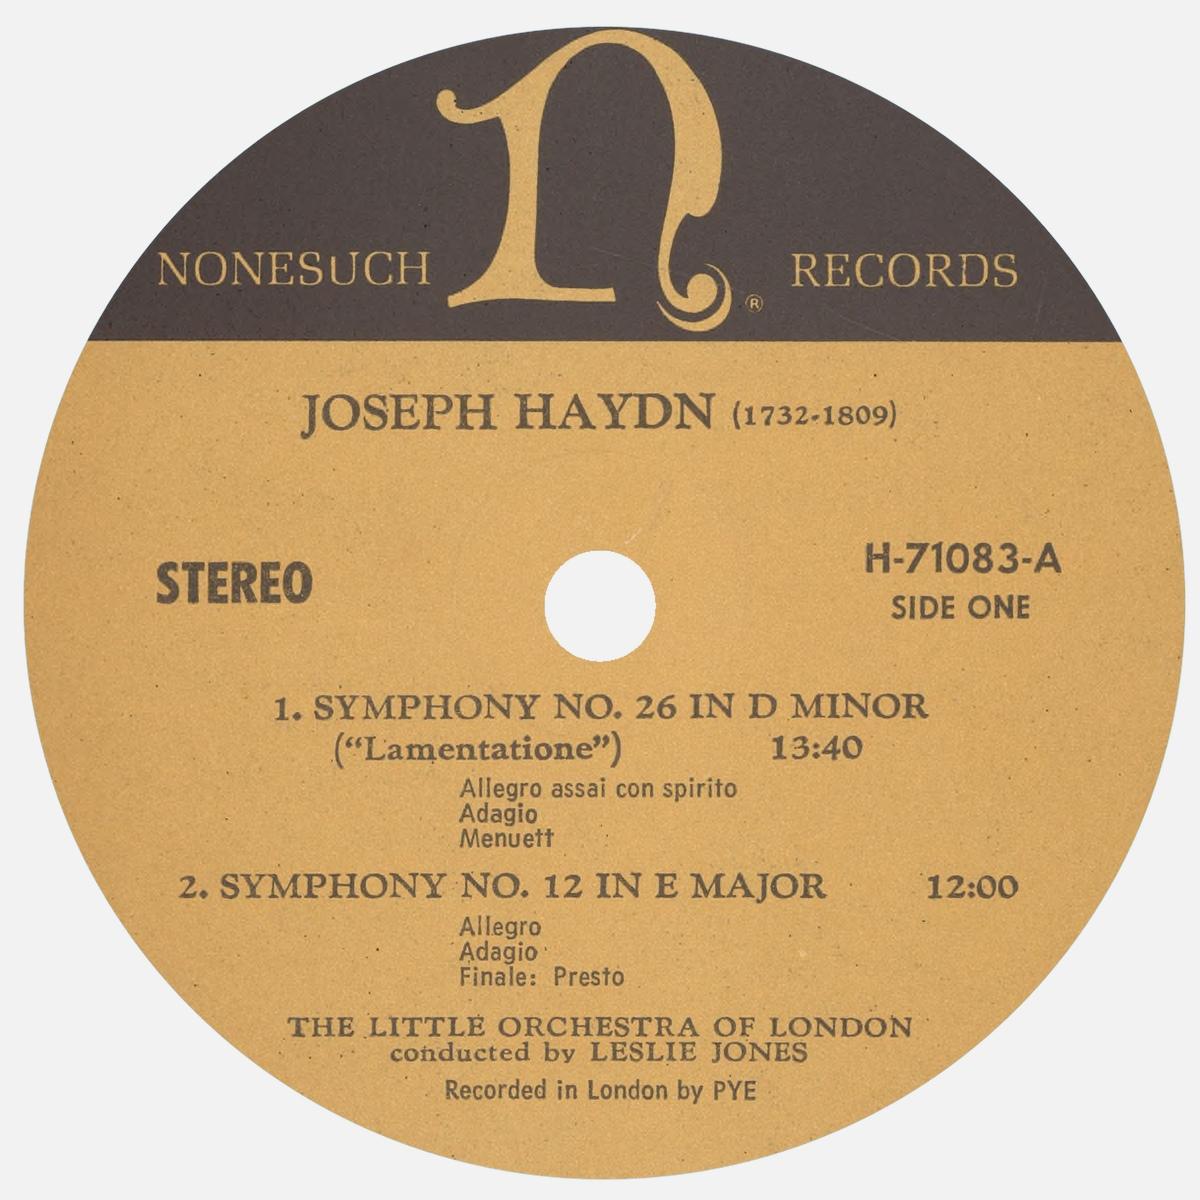 Étiquette recto du disque Nonesuch H-71083